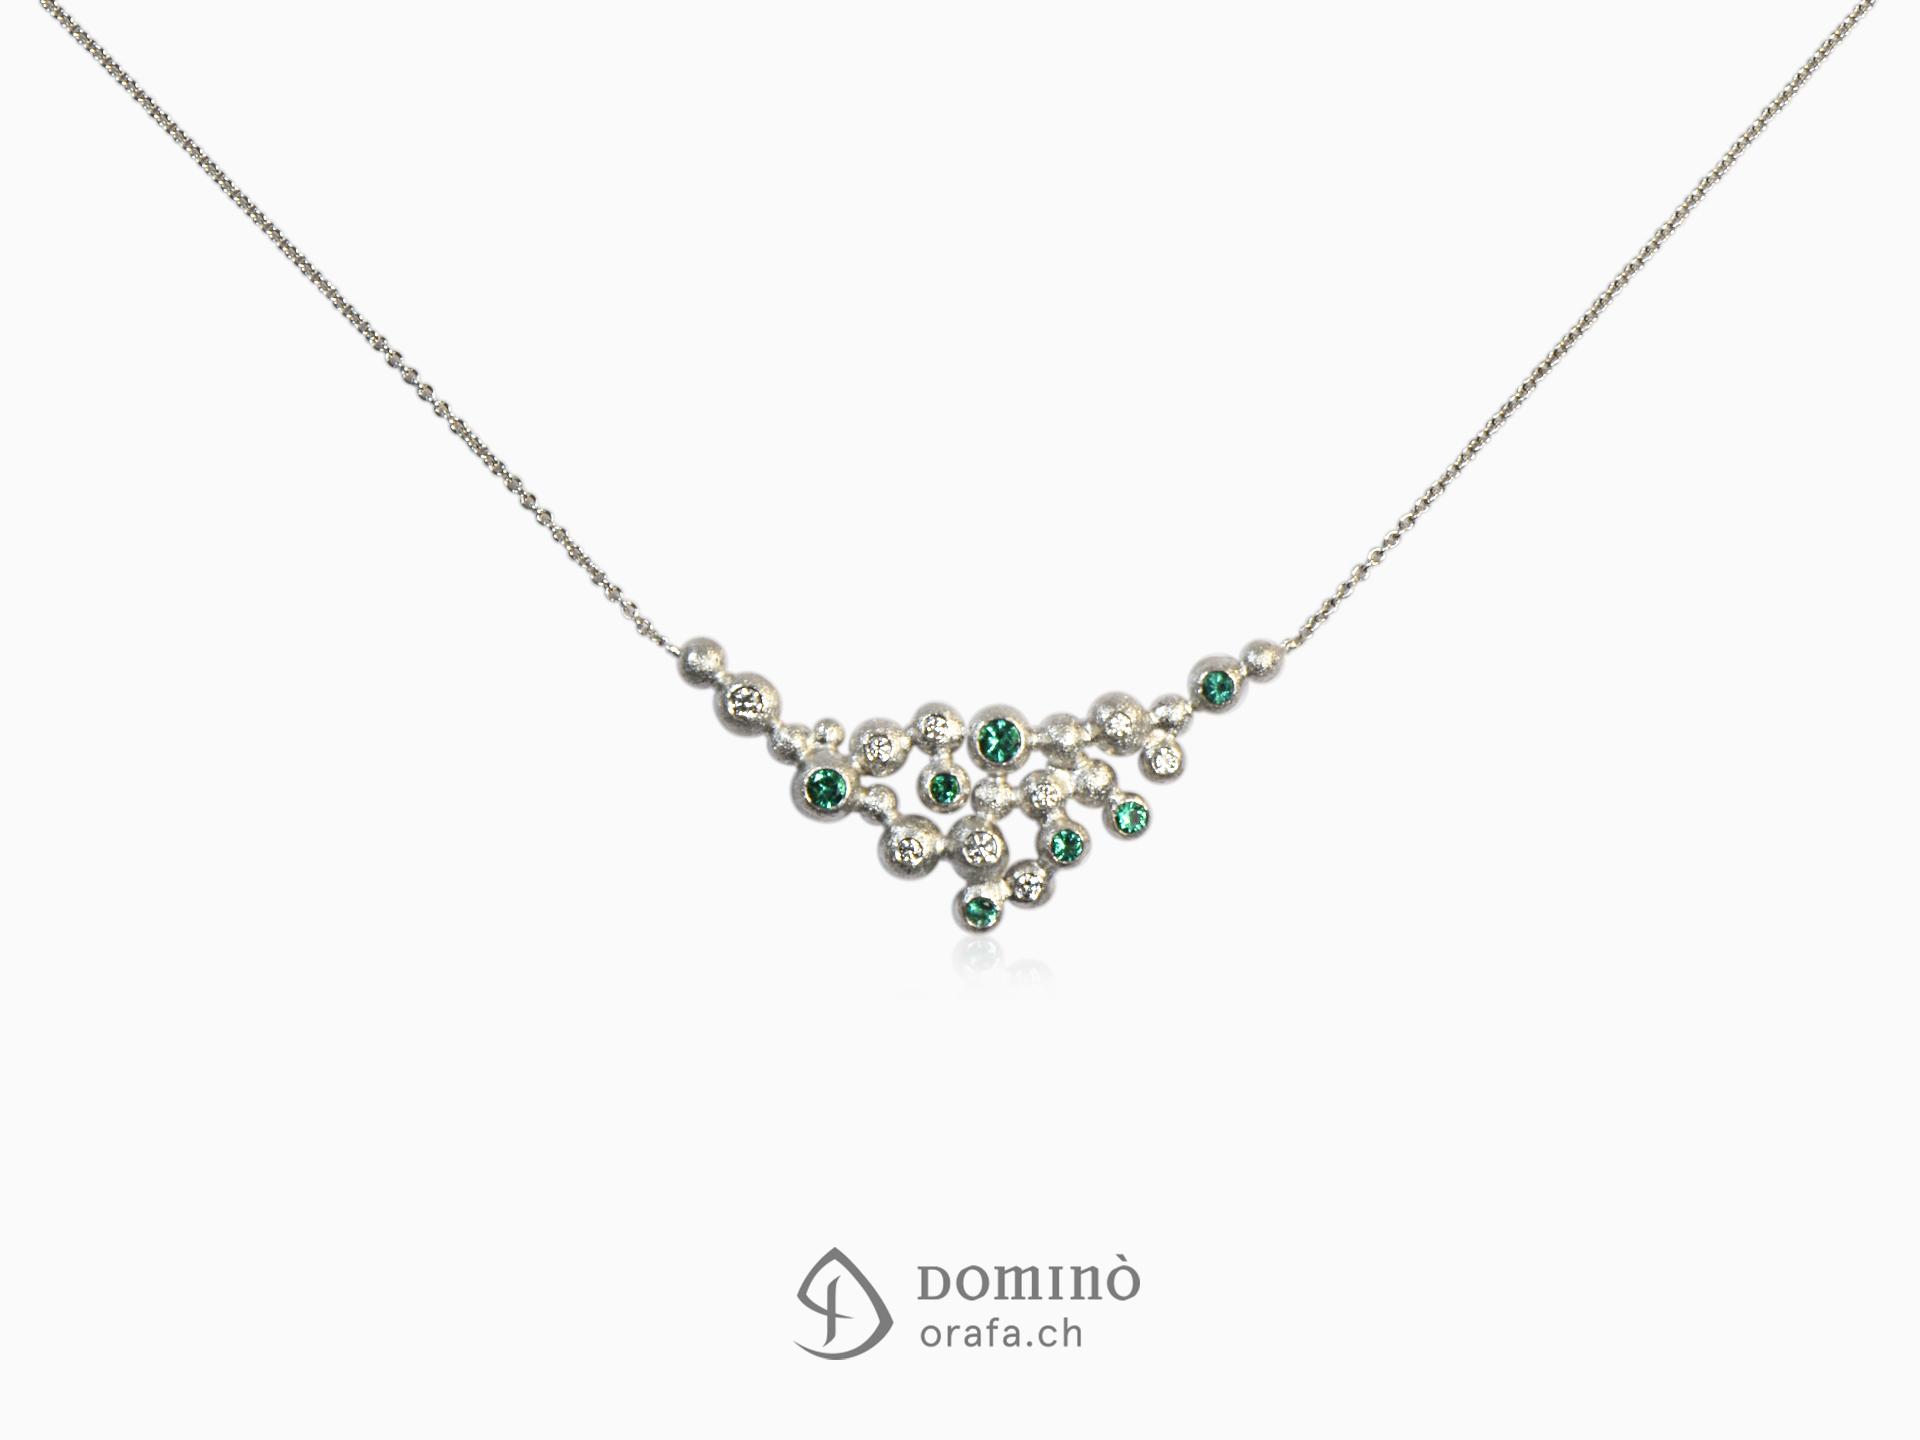 Collier in oro bianco con diamanti e smeraldi